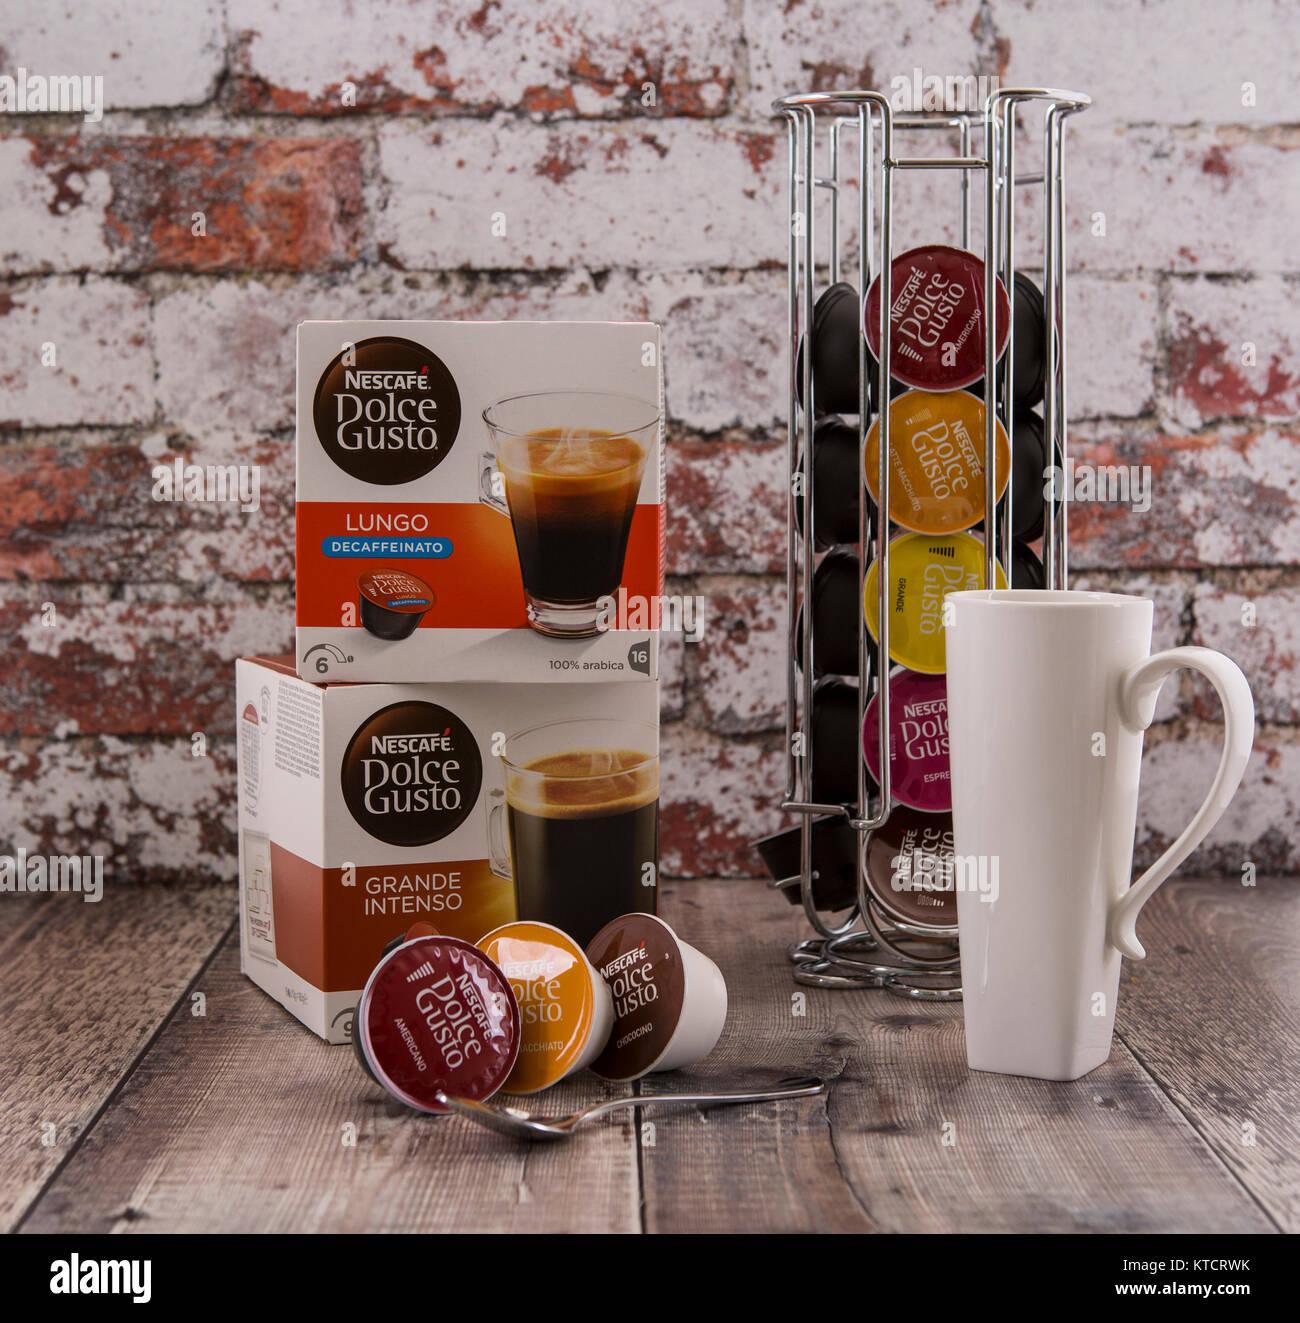 SWINDON, Großbritannien - 23 Dezember, 2017: Nescafe Dolce Gusto System für Kaffeepads in einer rustikalen Stockbild